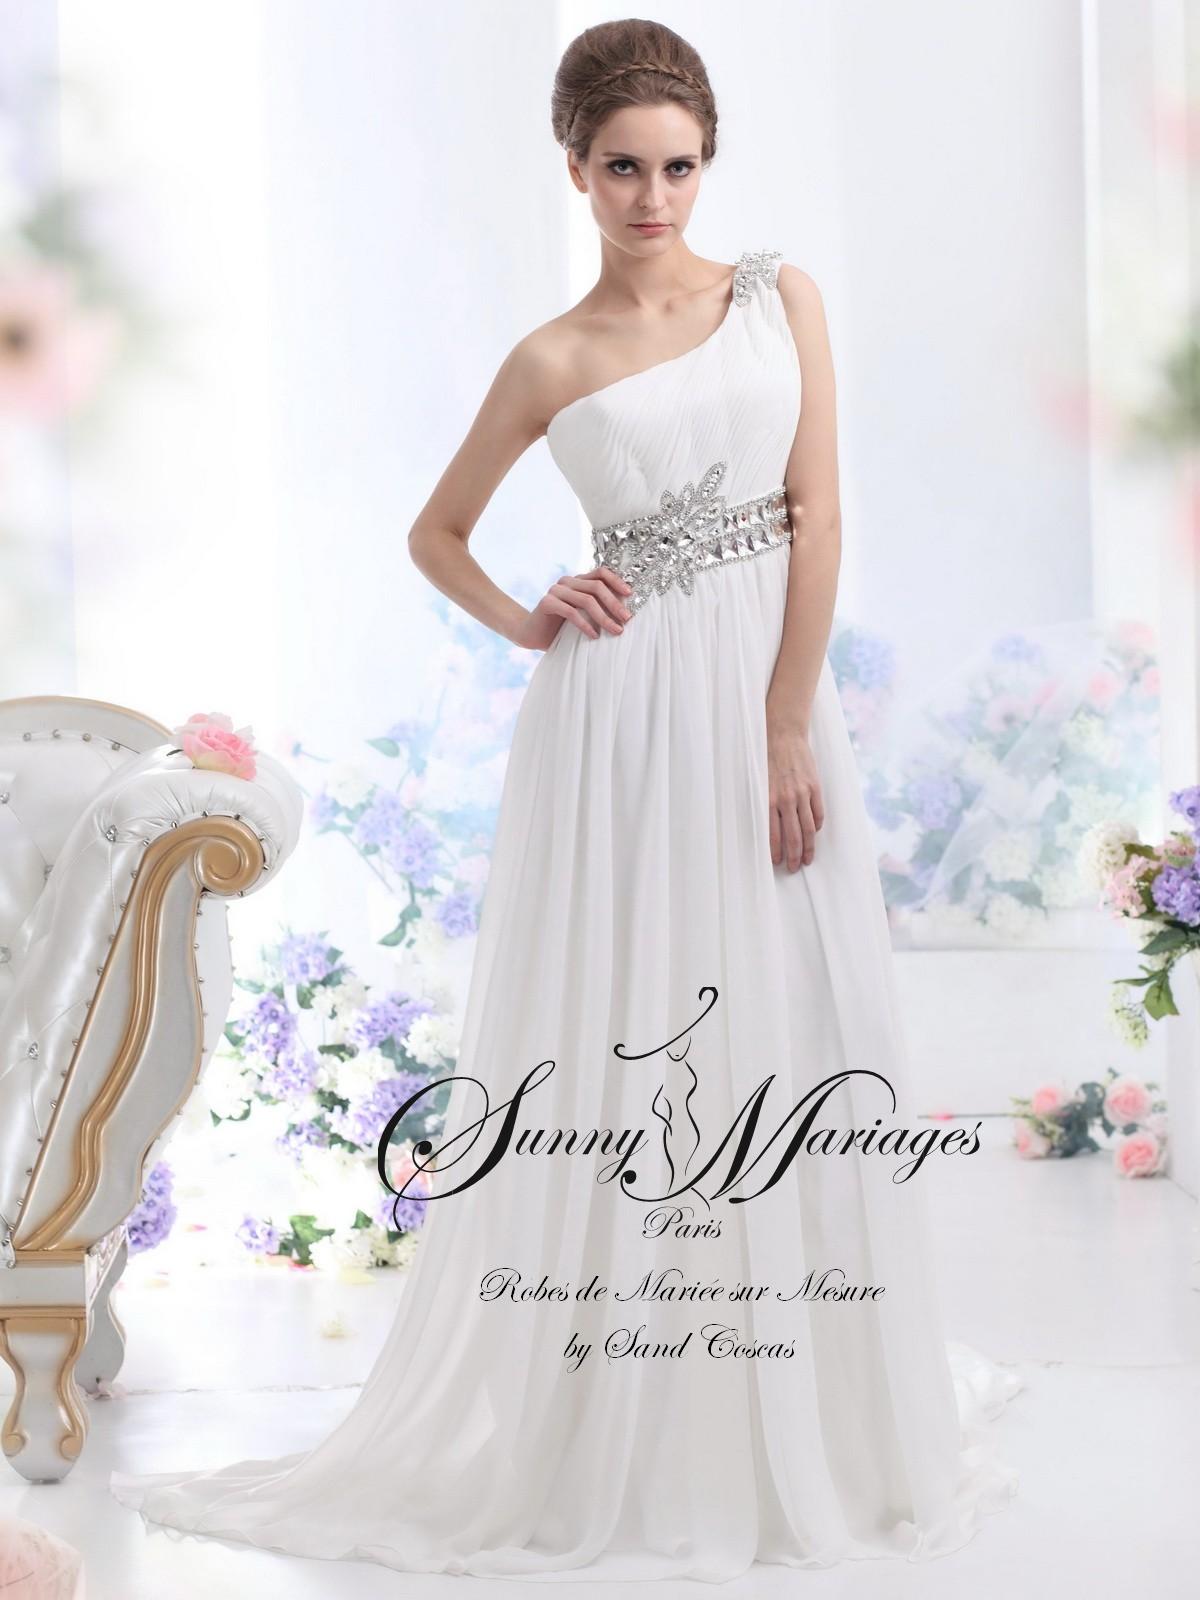 Ronde Pour Robe De Mariée Mariage Femme Sunny afnp17w